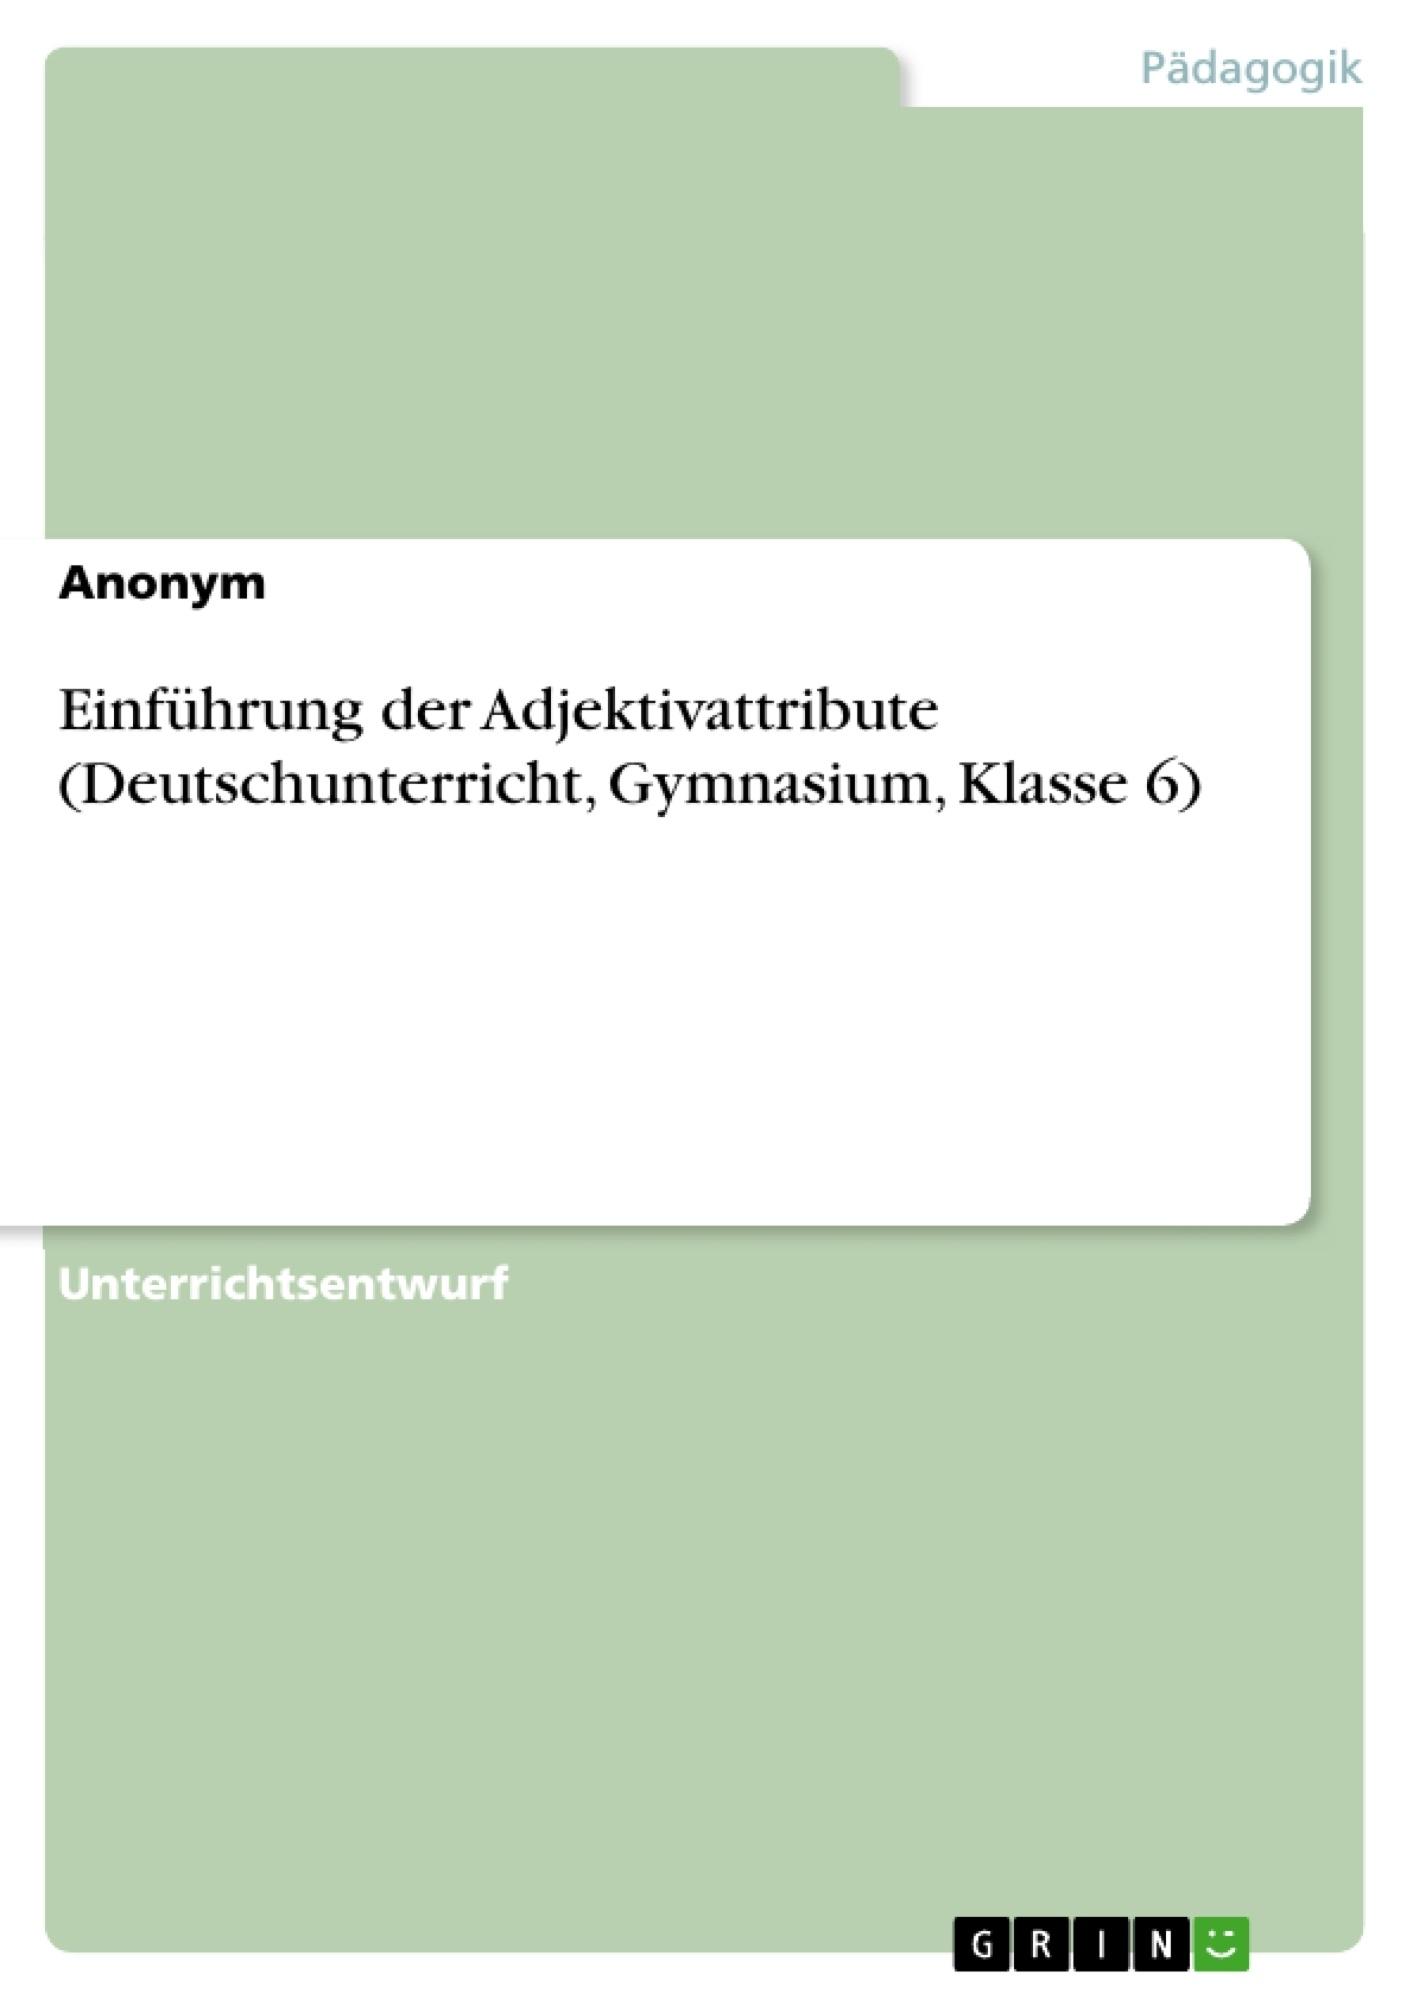 Titel: Einführung der Adjektivattribute (Deutschunterricht, Gymnasium, Klasse 6)